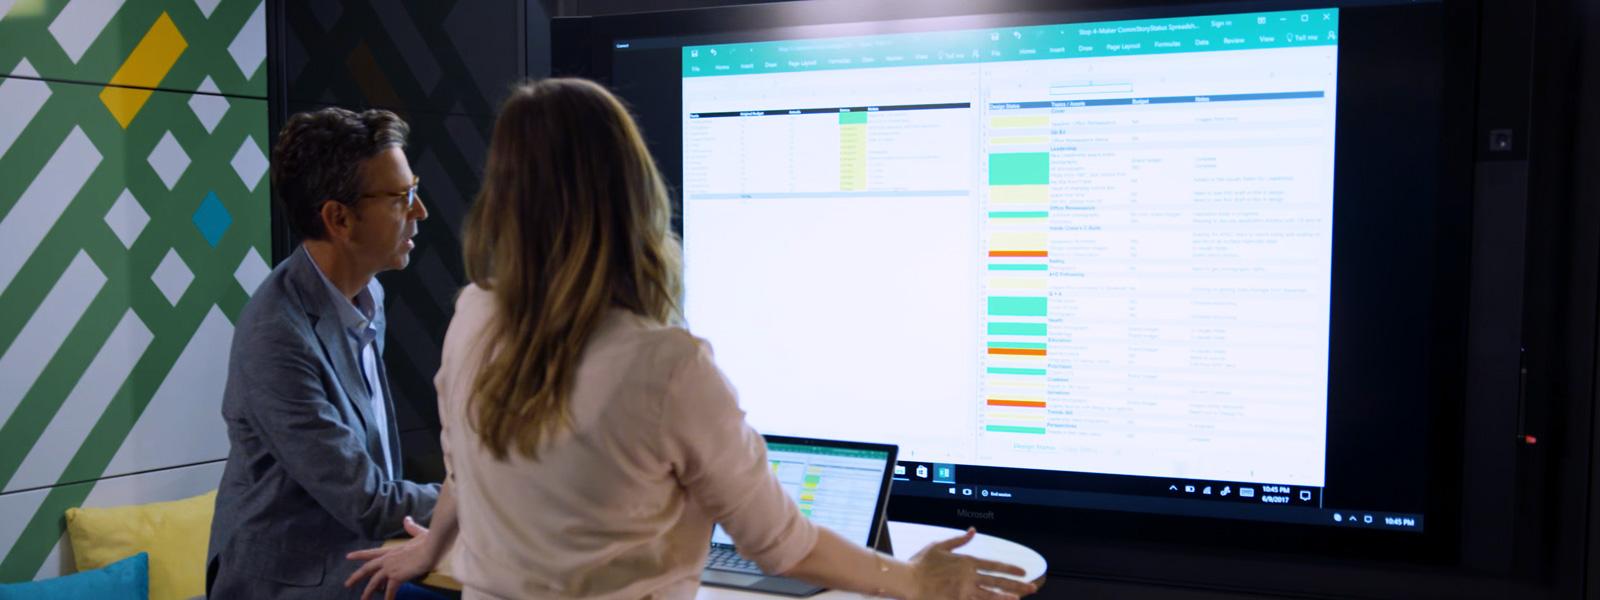 Uno de los 5 espacios Steelcase diseñados para funcionar adecuadamente con dispositivos Surface, donde una mujer y un hombre usa un dispositivo Surface Hub.